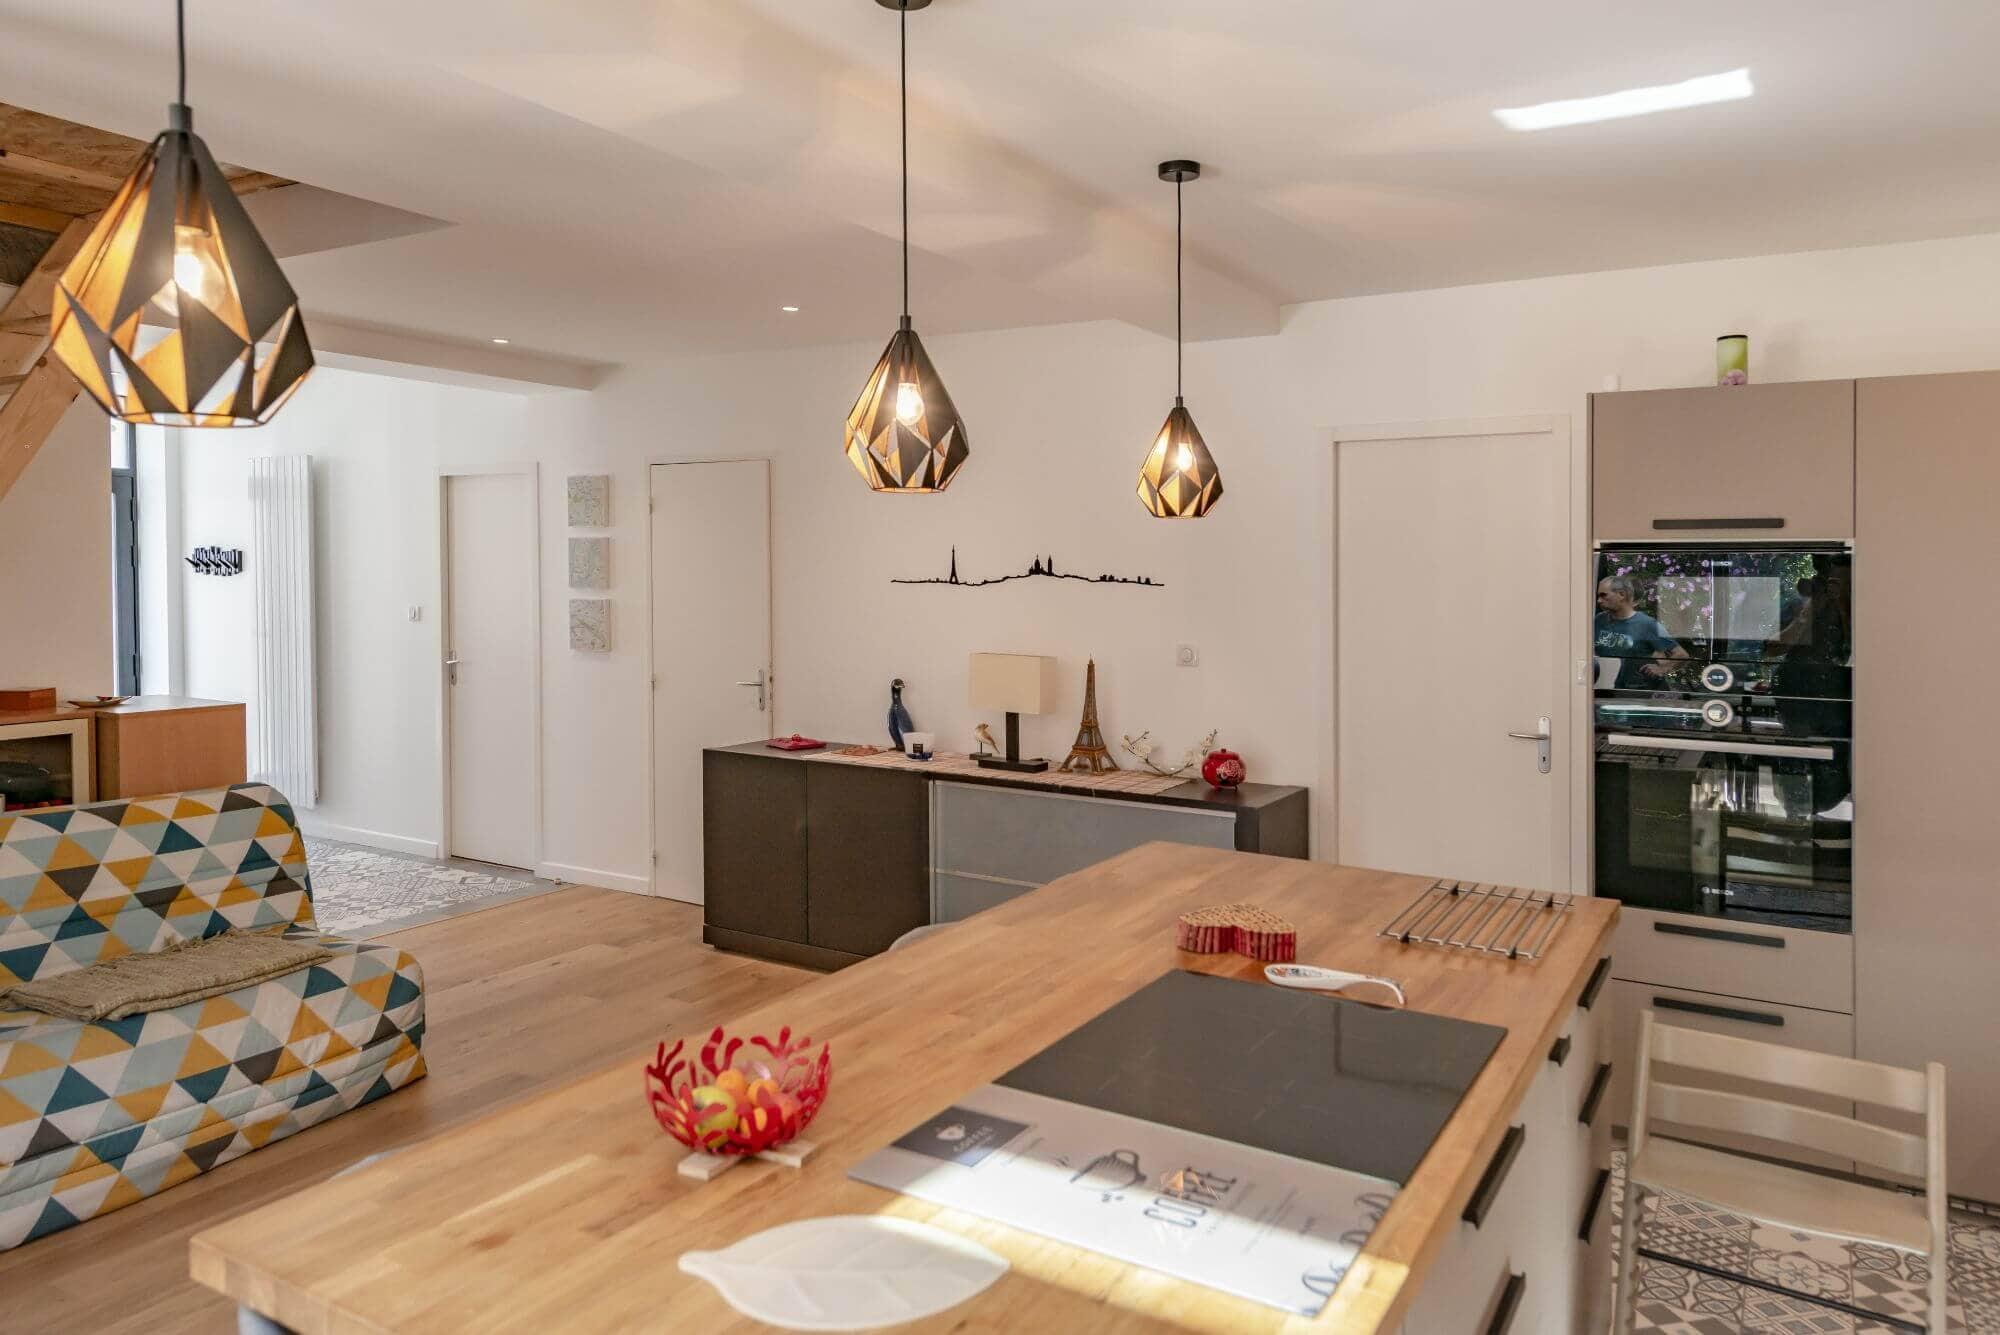 Cuisine, Salon, Rénovation, Quartier Amidonniers